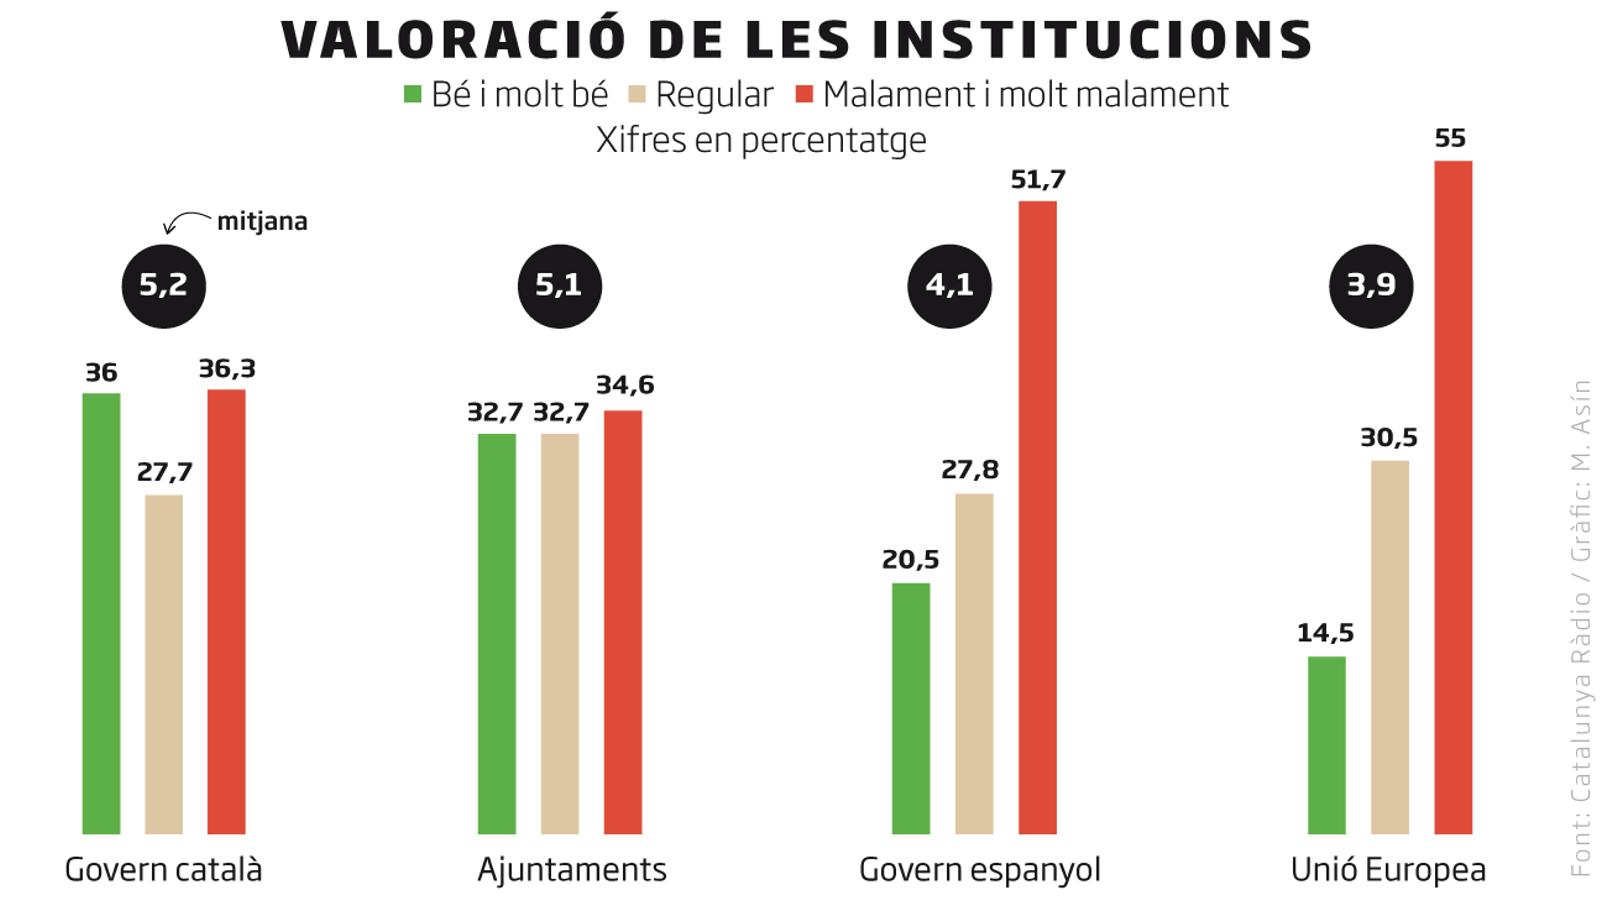 El govern espanyol perd 14 punts de confiança en una setmana per la gestió del covid-19